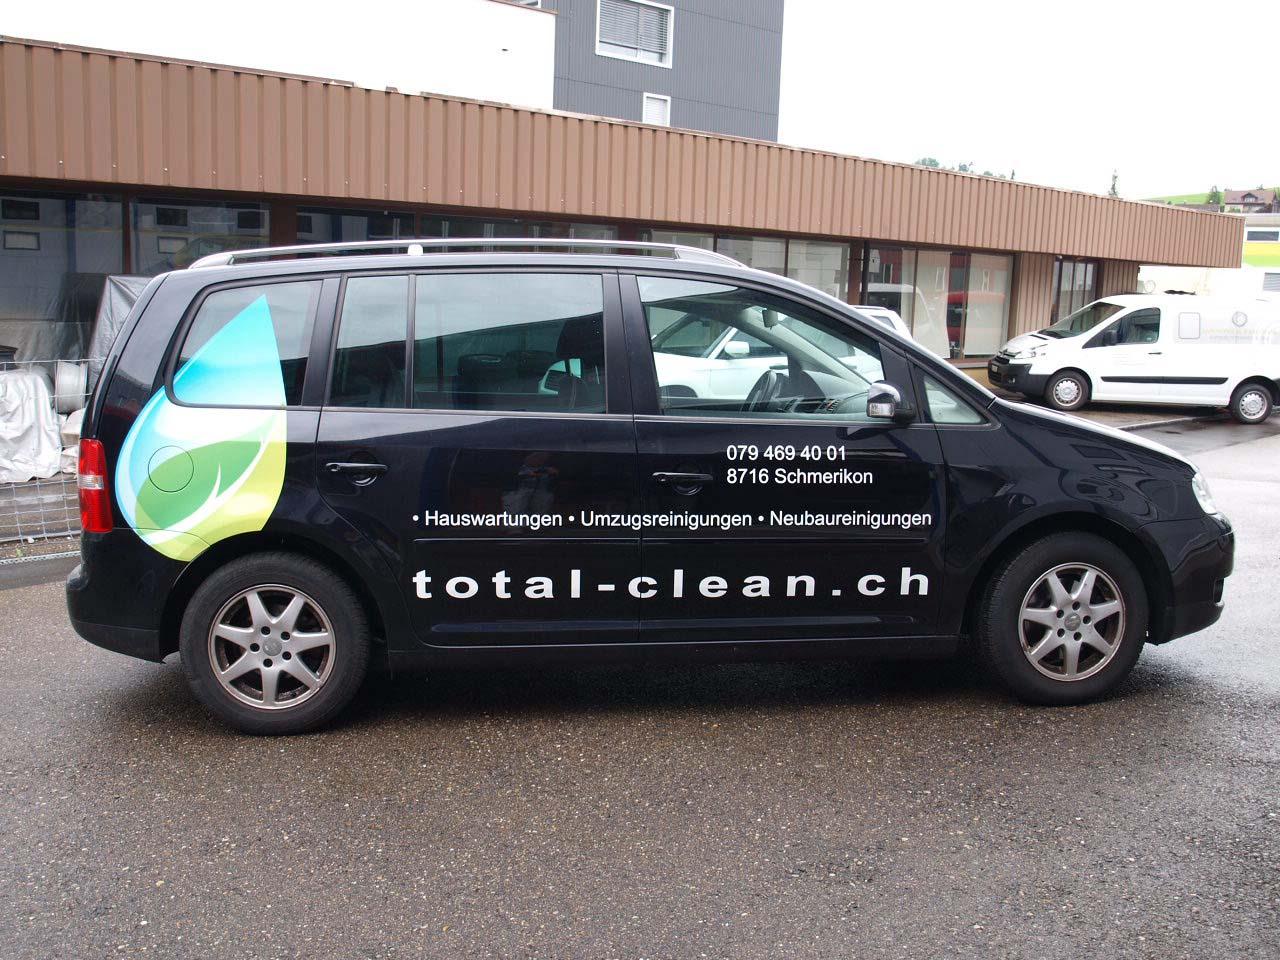 total-clean.ch